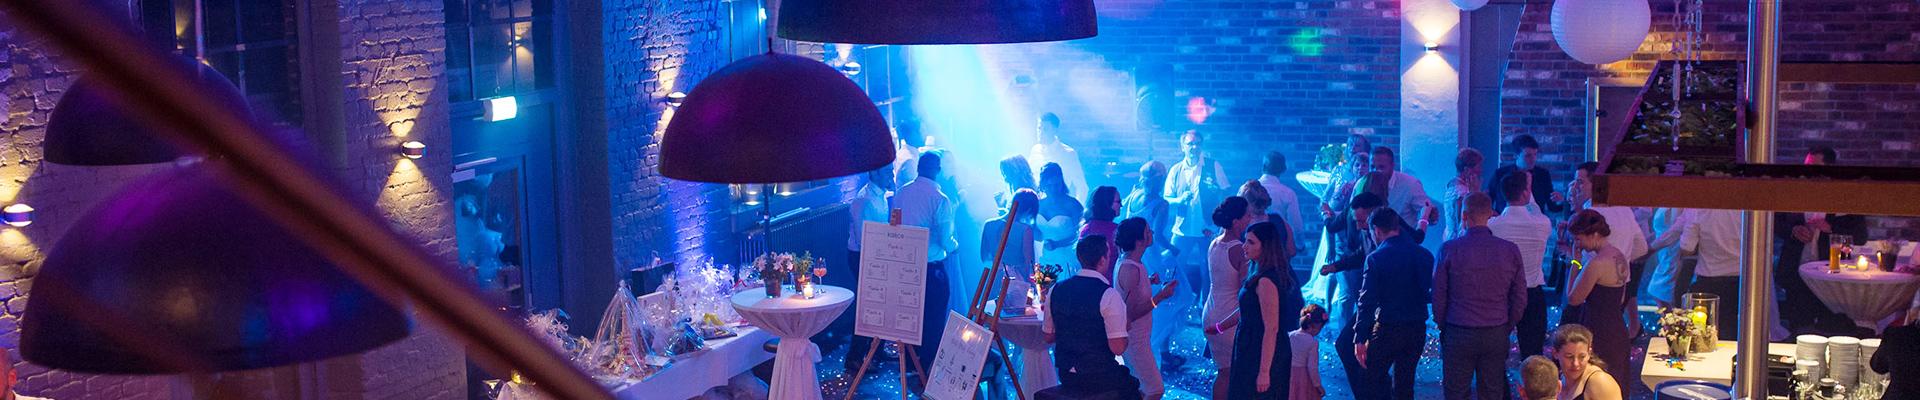 Hochzeitsfeier - Restaurant Werkstatt - Maxi Gastro, die Gastronomie im Maxipark Hamm.